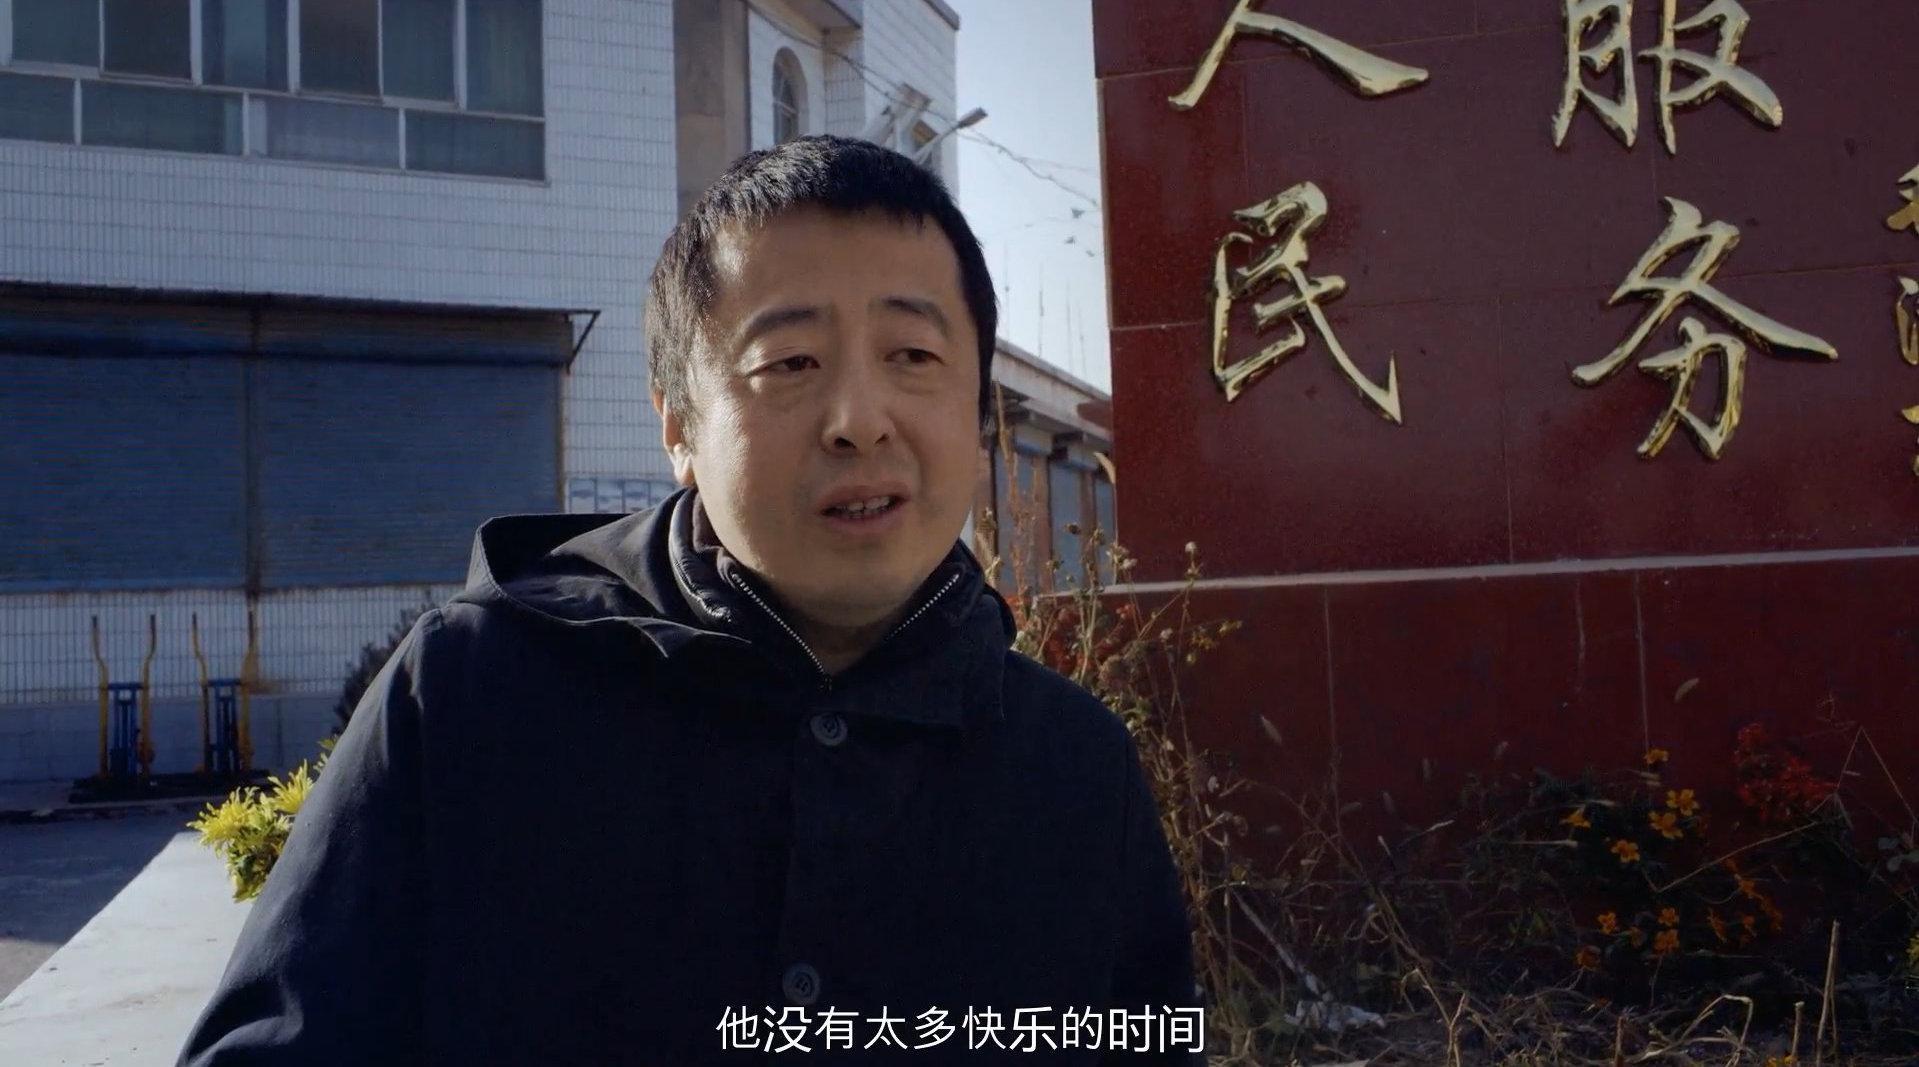 《汾阳小子贾樟柯》,惹人泪目的优质纪录片。真诚感性……